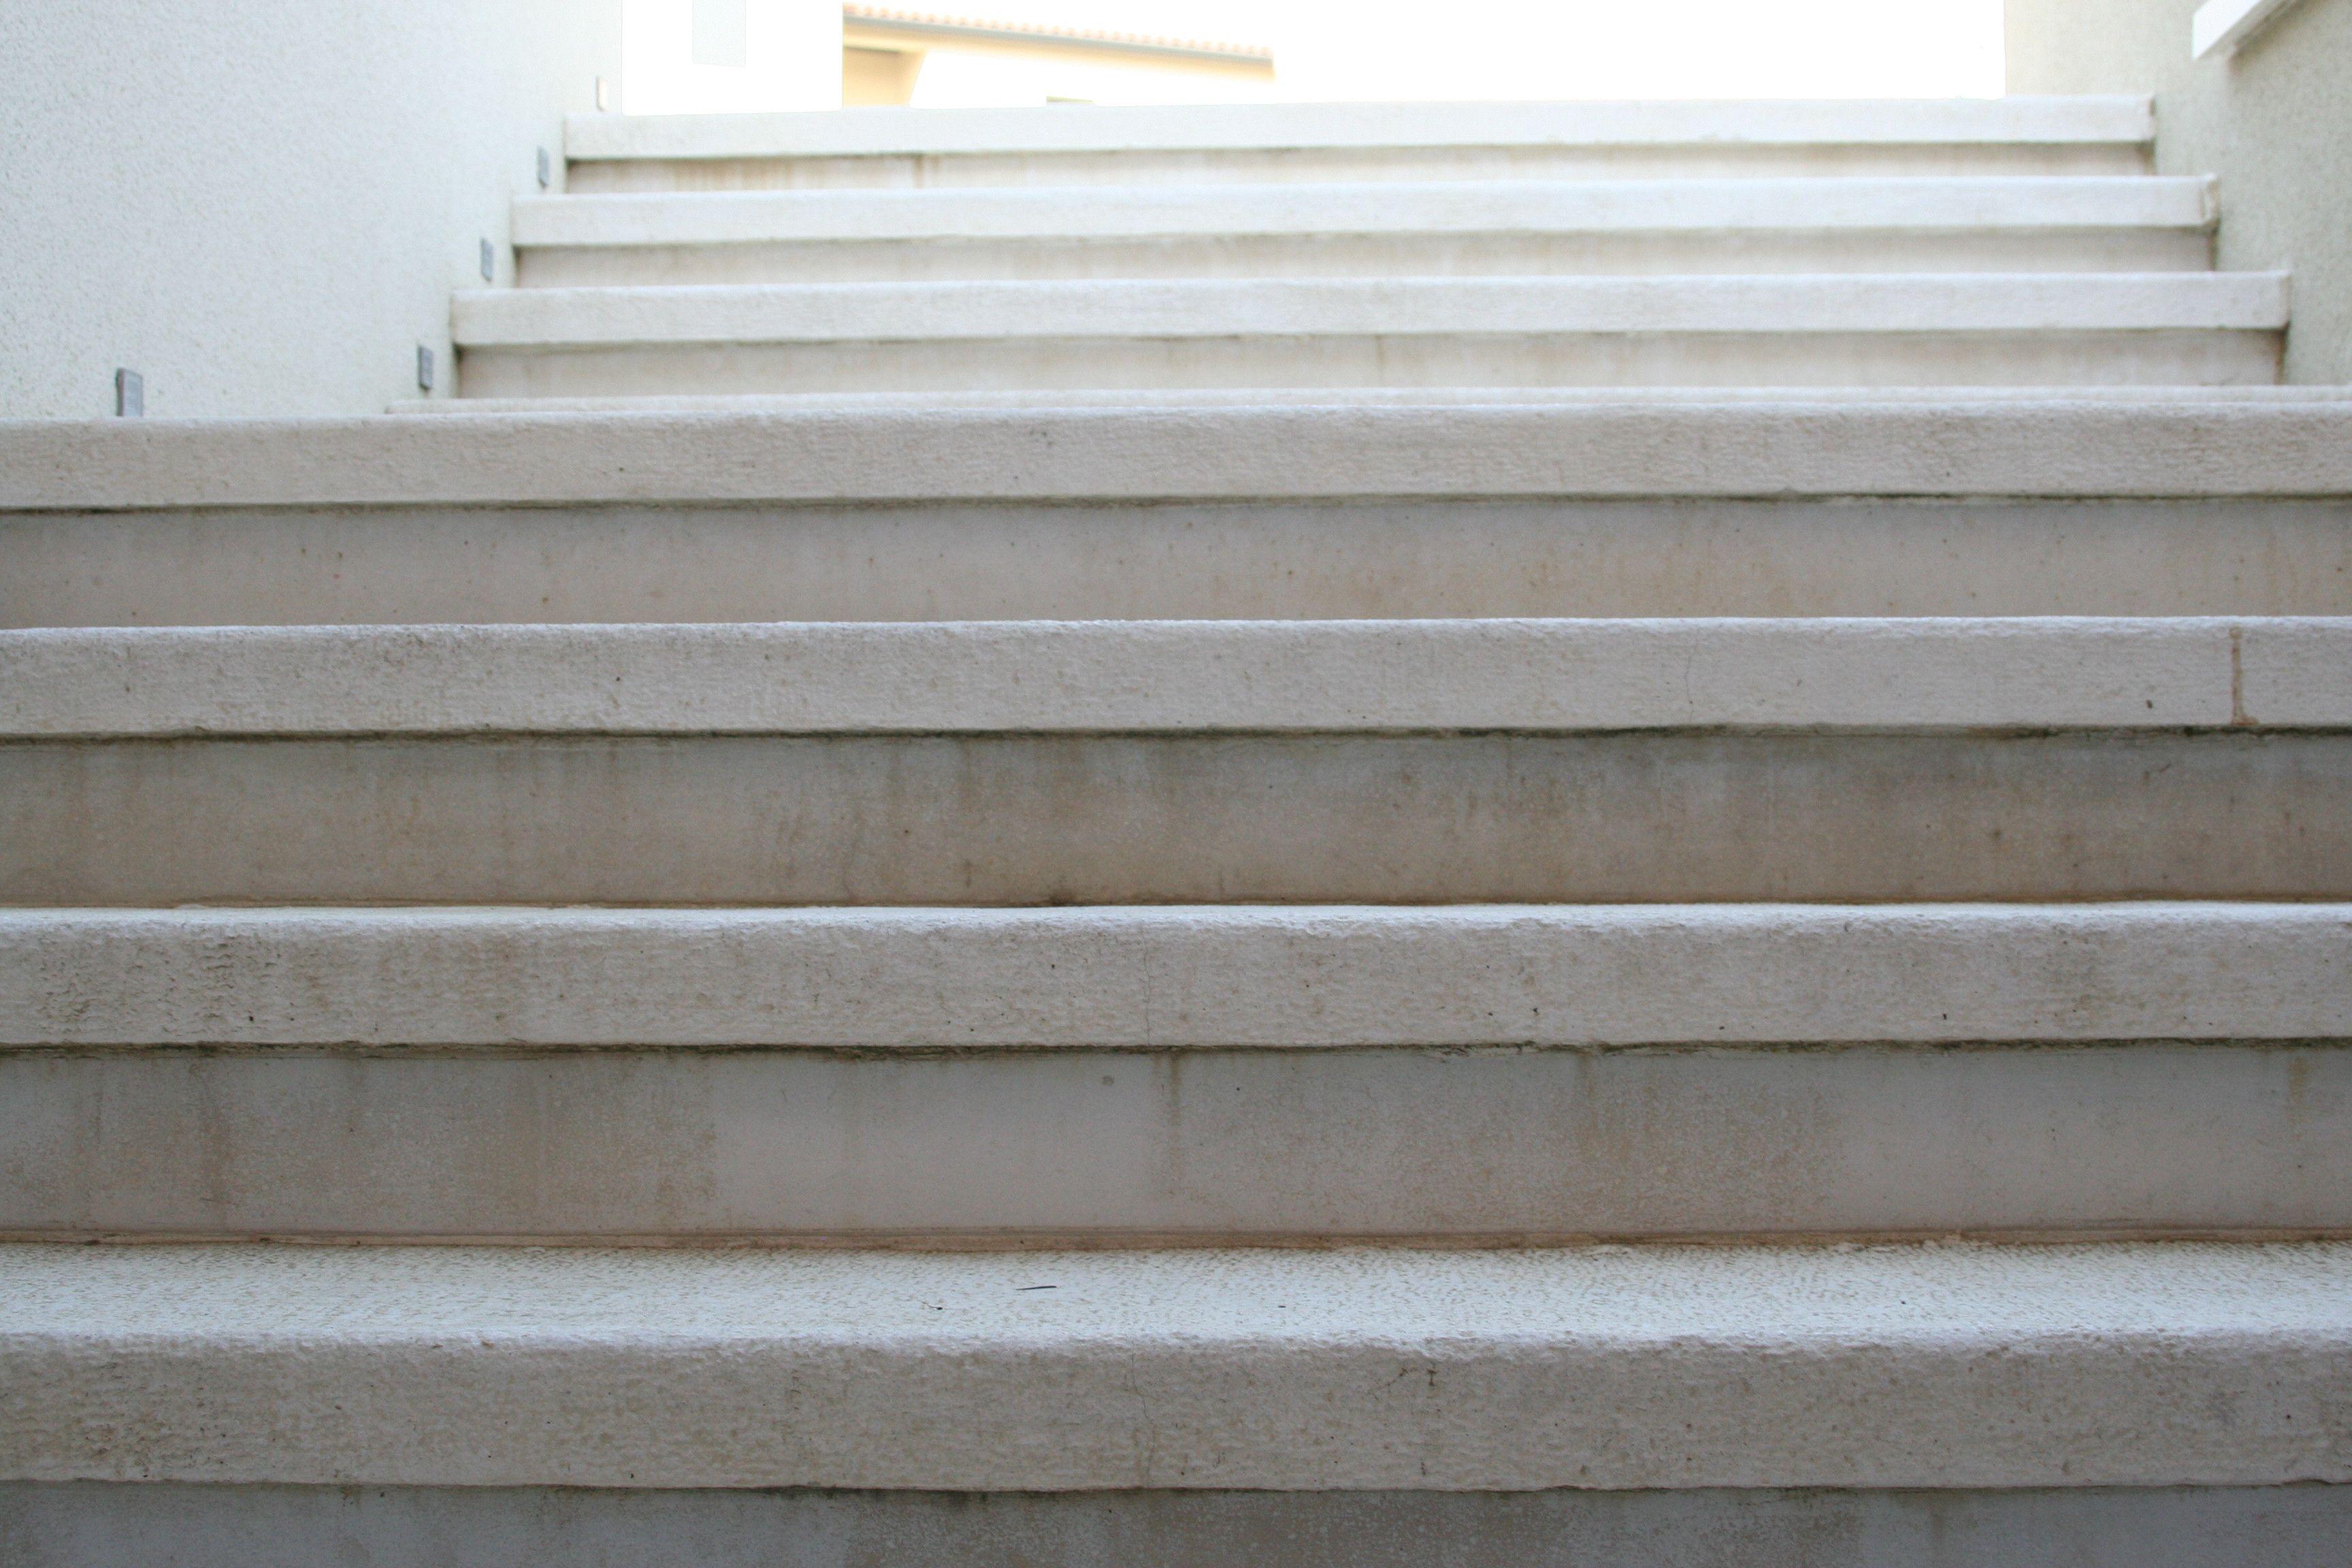 Marche Escalier Plate Aspect Grenaille Antiderapant En Beton Prefabrique Beton Prefabrique Prefabrique Habillage Escalier